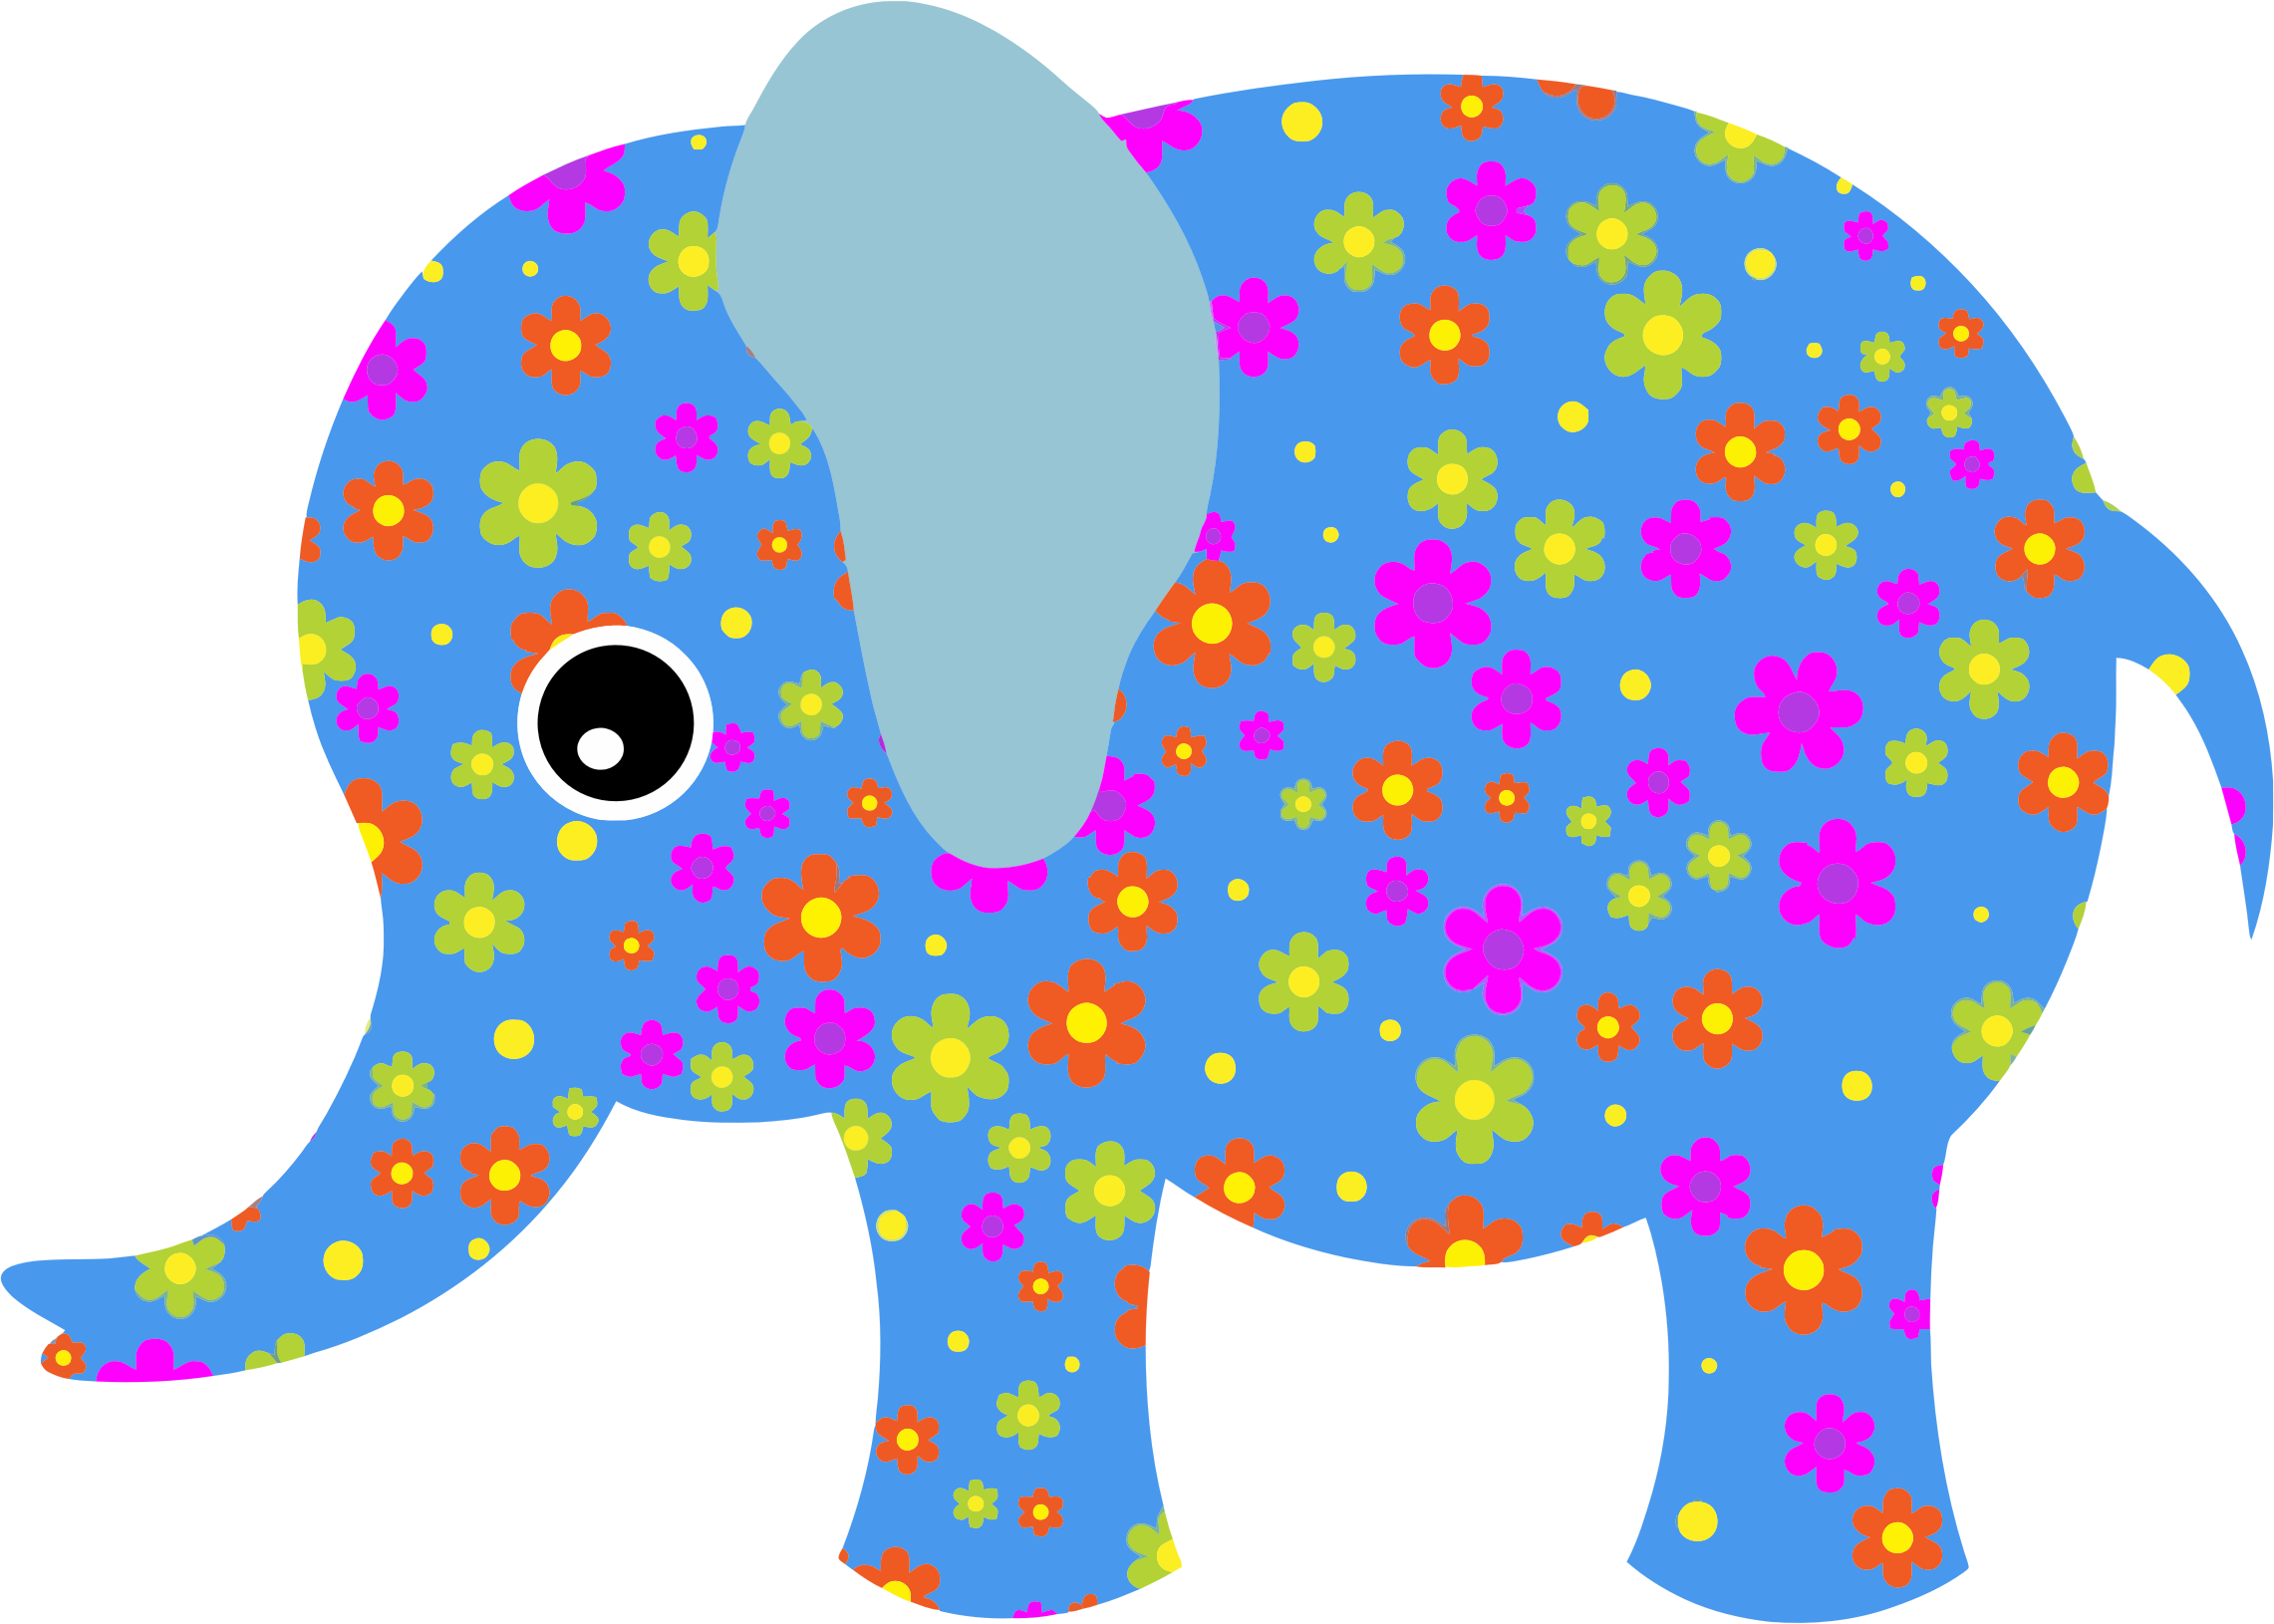 картинка слоника аппликация неблагоприятных веществ нас